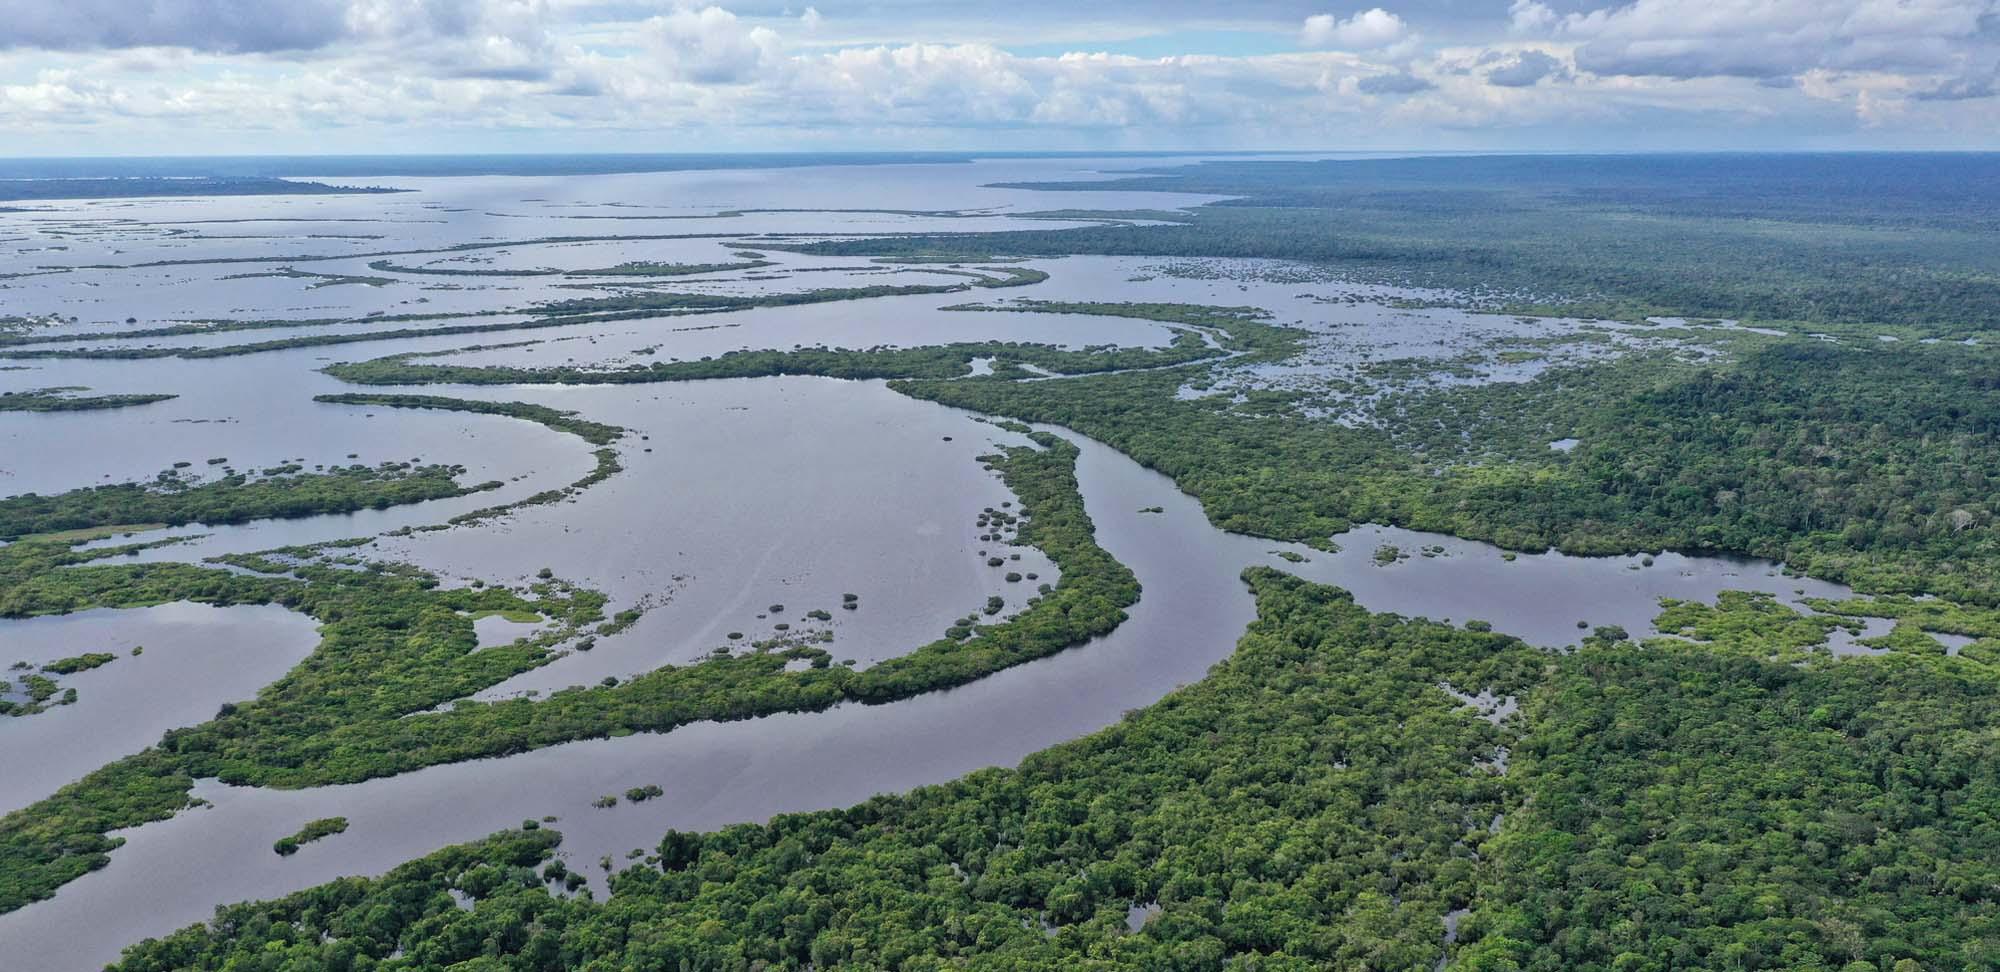 Upper Lago Tefe Field Guides Birding Tours Brazil